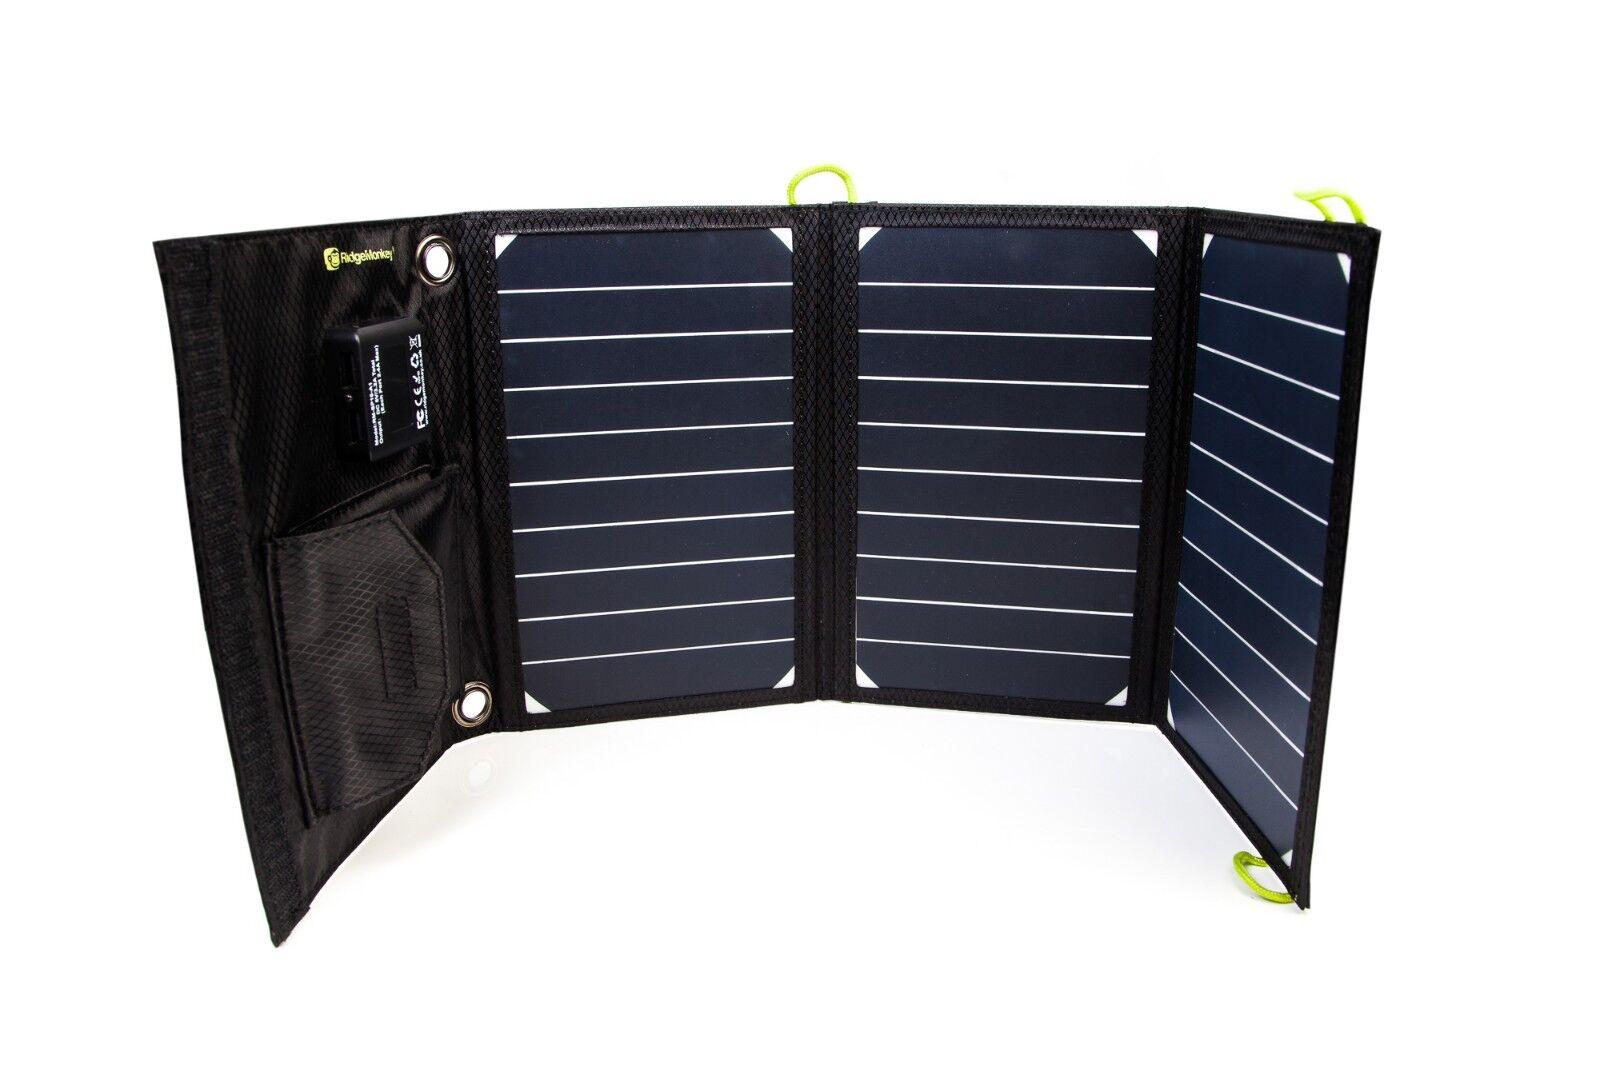 Nuevo ridgemonkey Ridge Mono Vault 16W USB Panel Solar Cochegador-Pesca De Cochepa